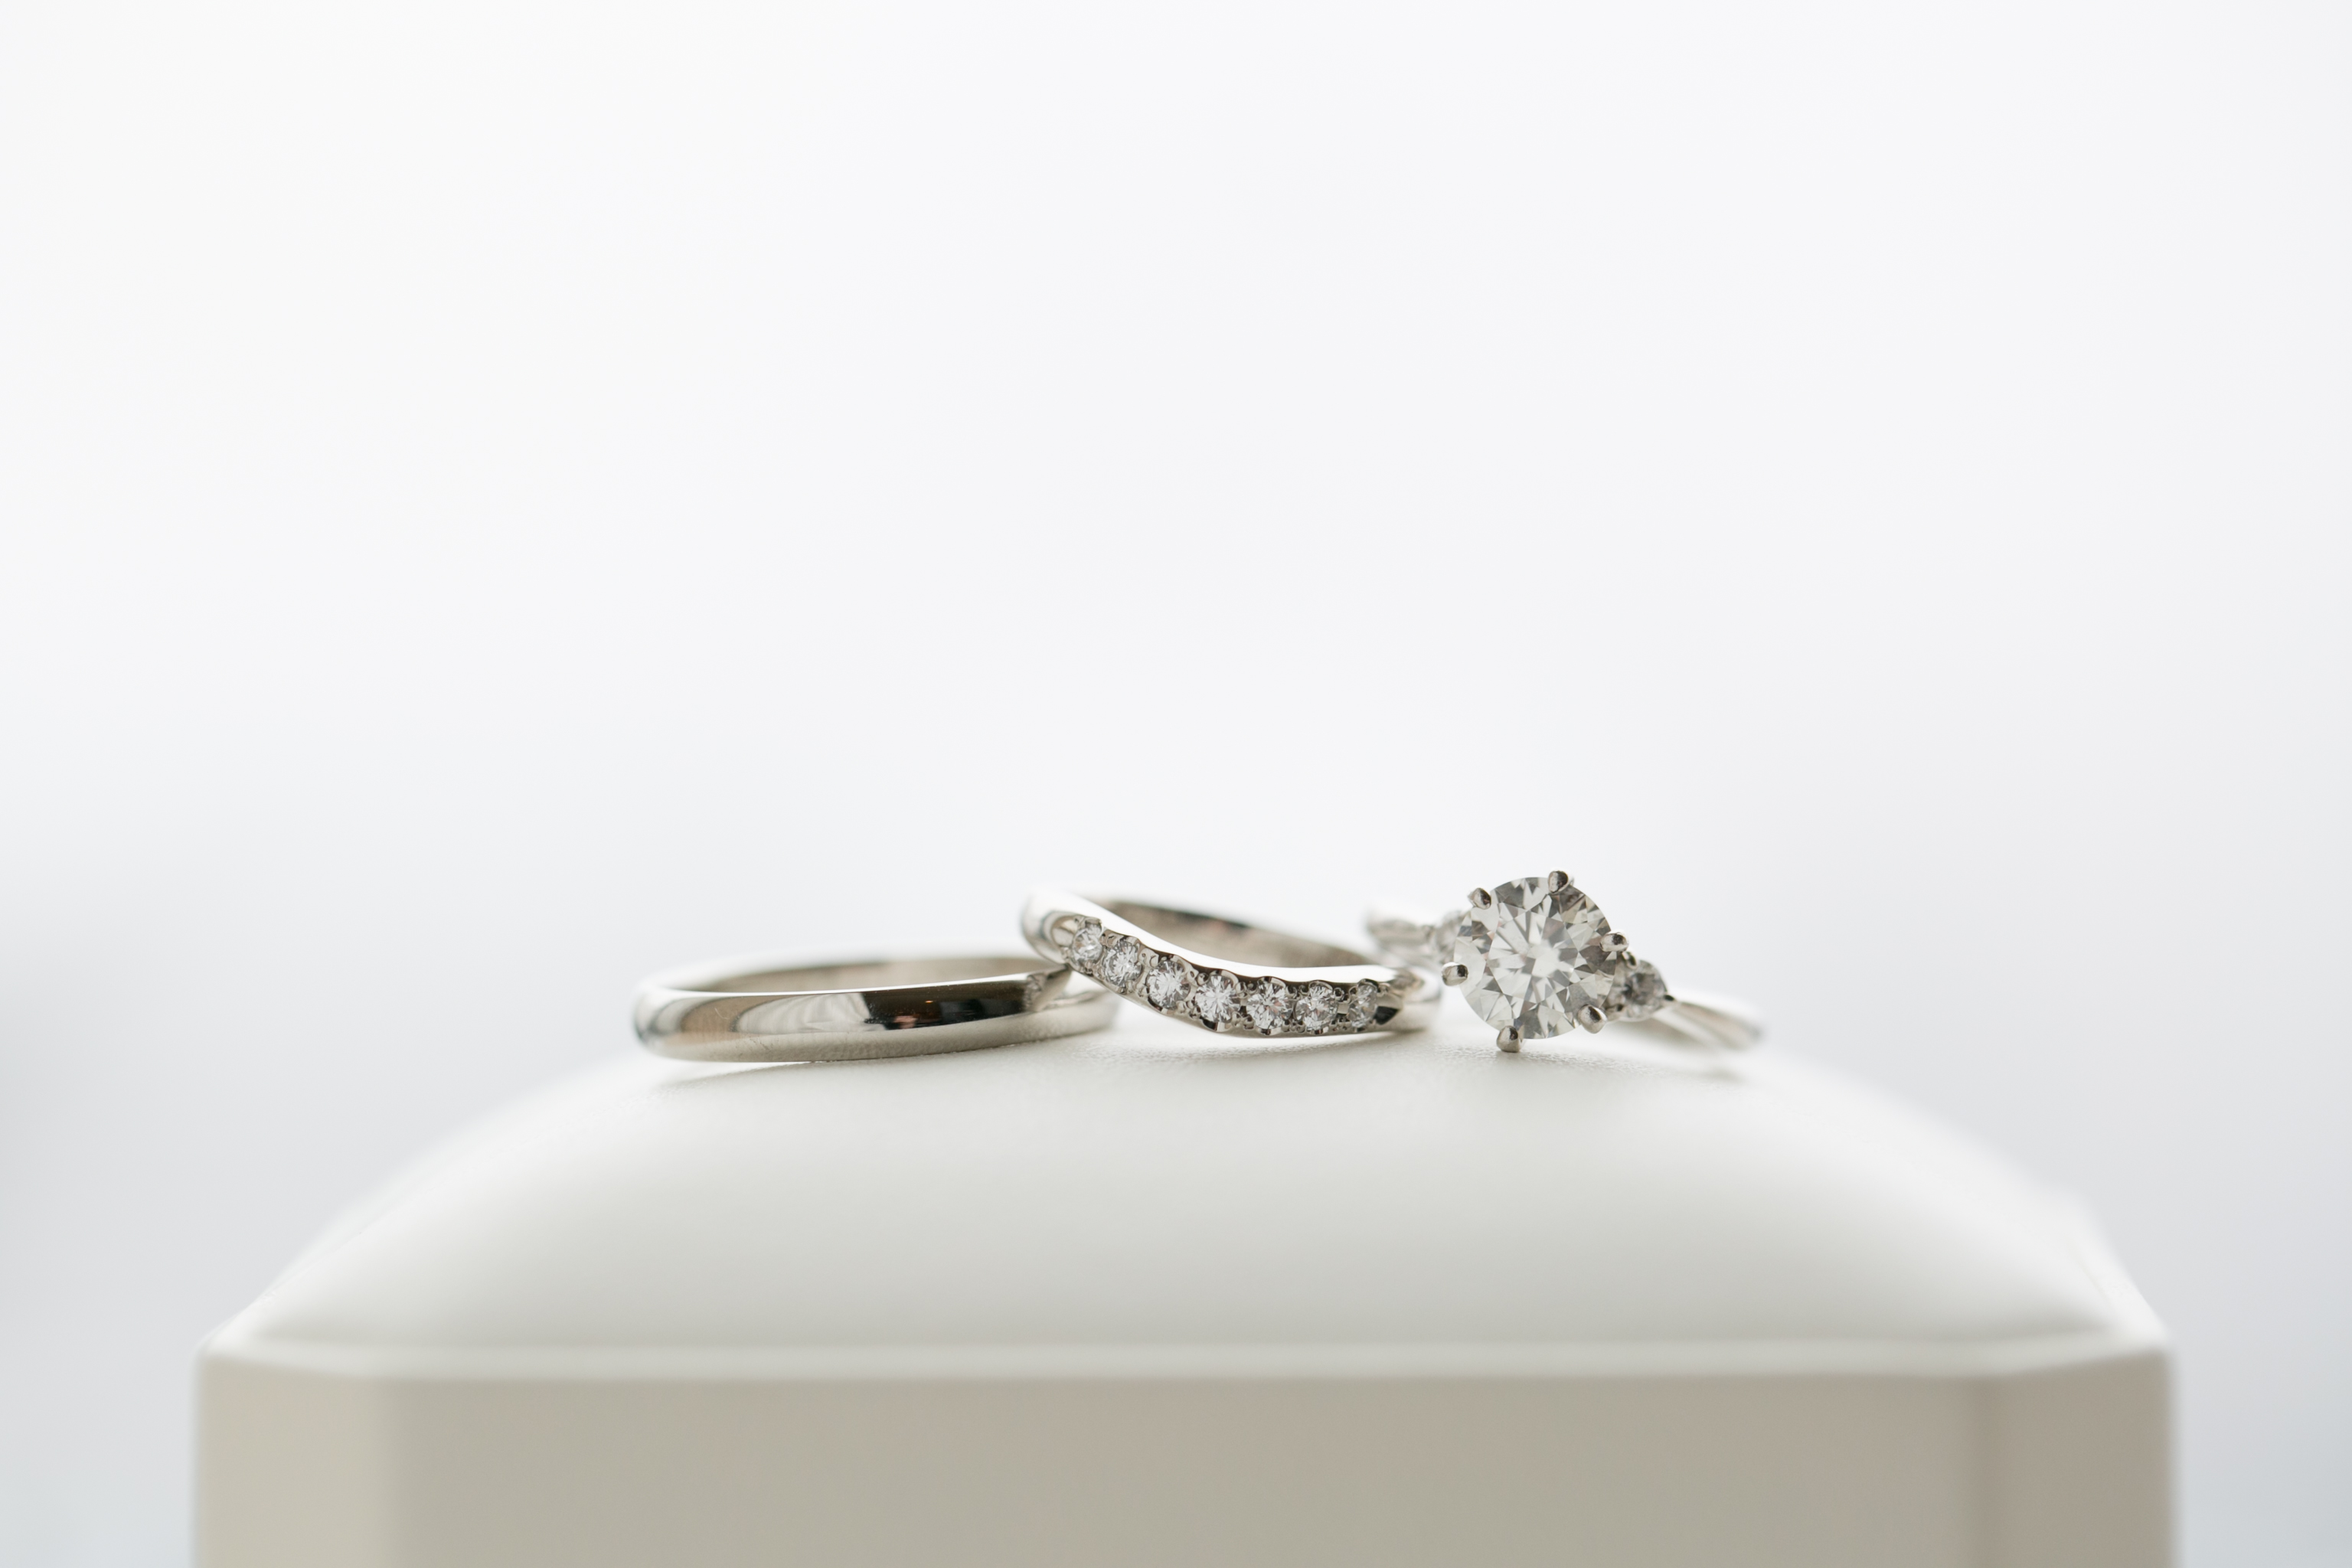 [左」南 慶一さん(33歳/金融関連会社)の結婚指輪[中」知世さん(29歳/金融関連会社)の結婚指輪[右]婚約指輪